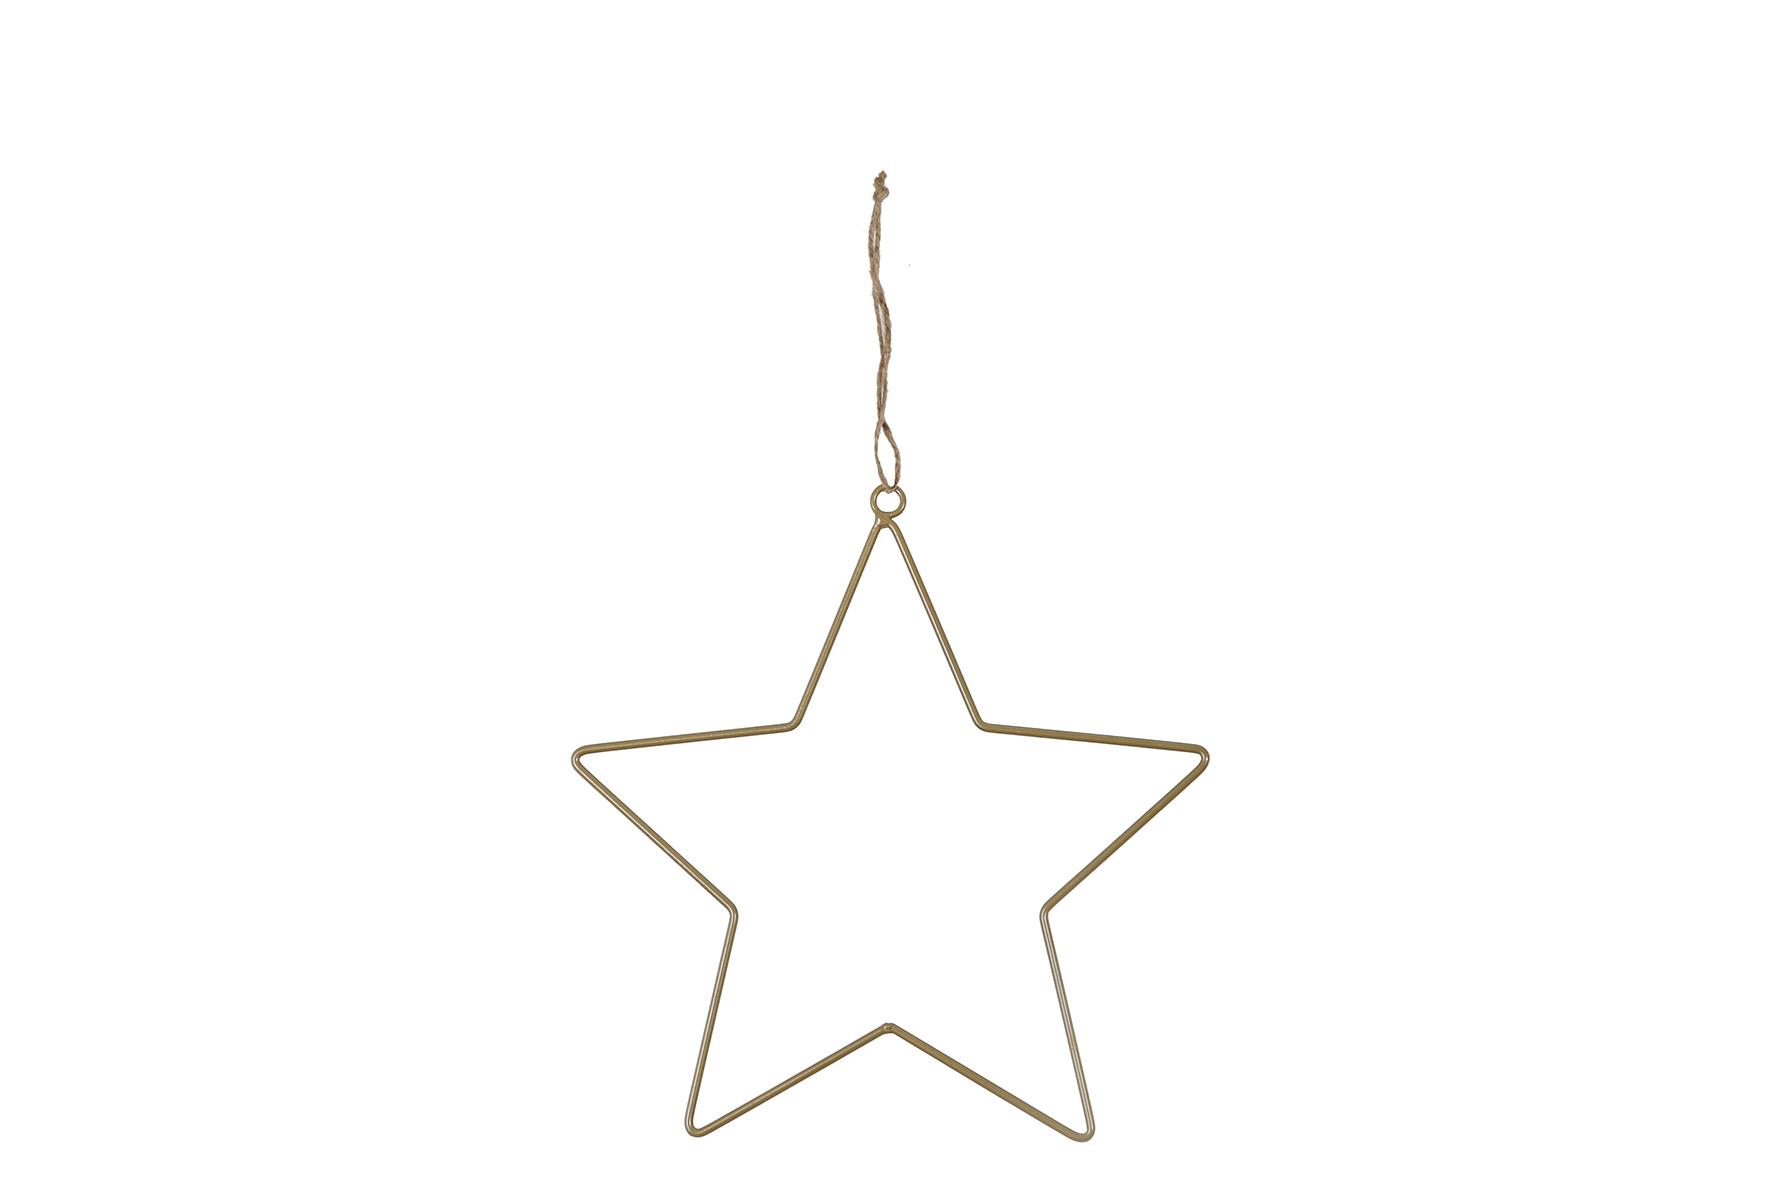 Stern zum hängen 28cm, 1 Stück